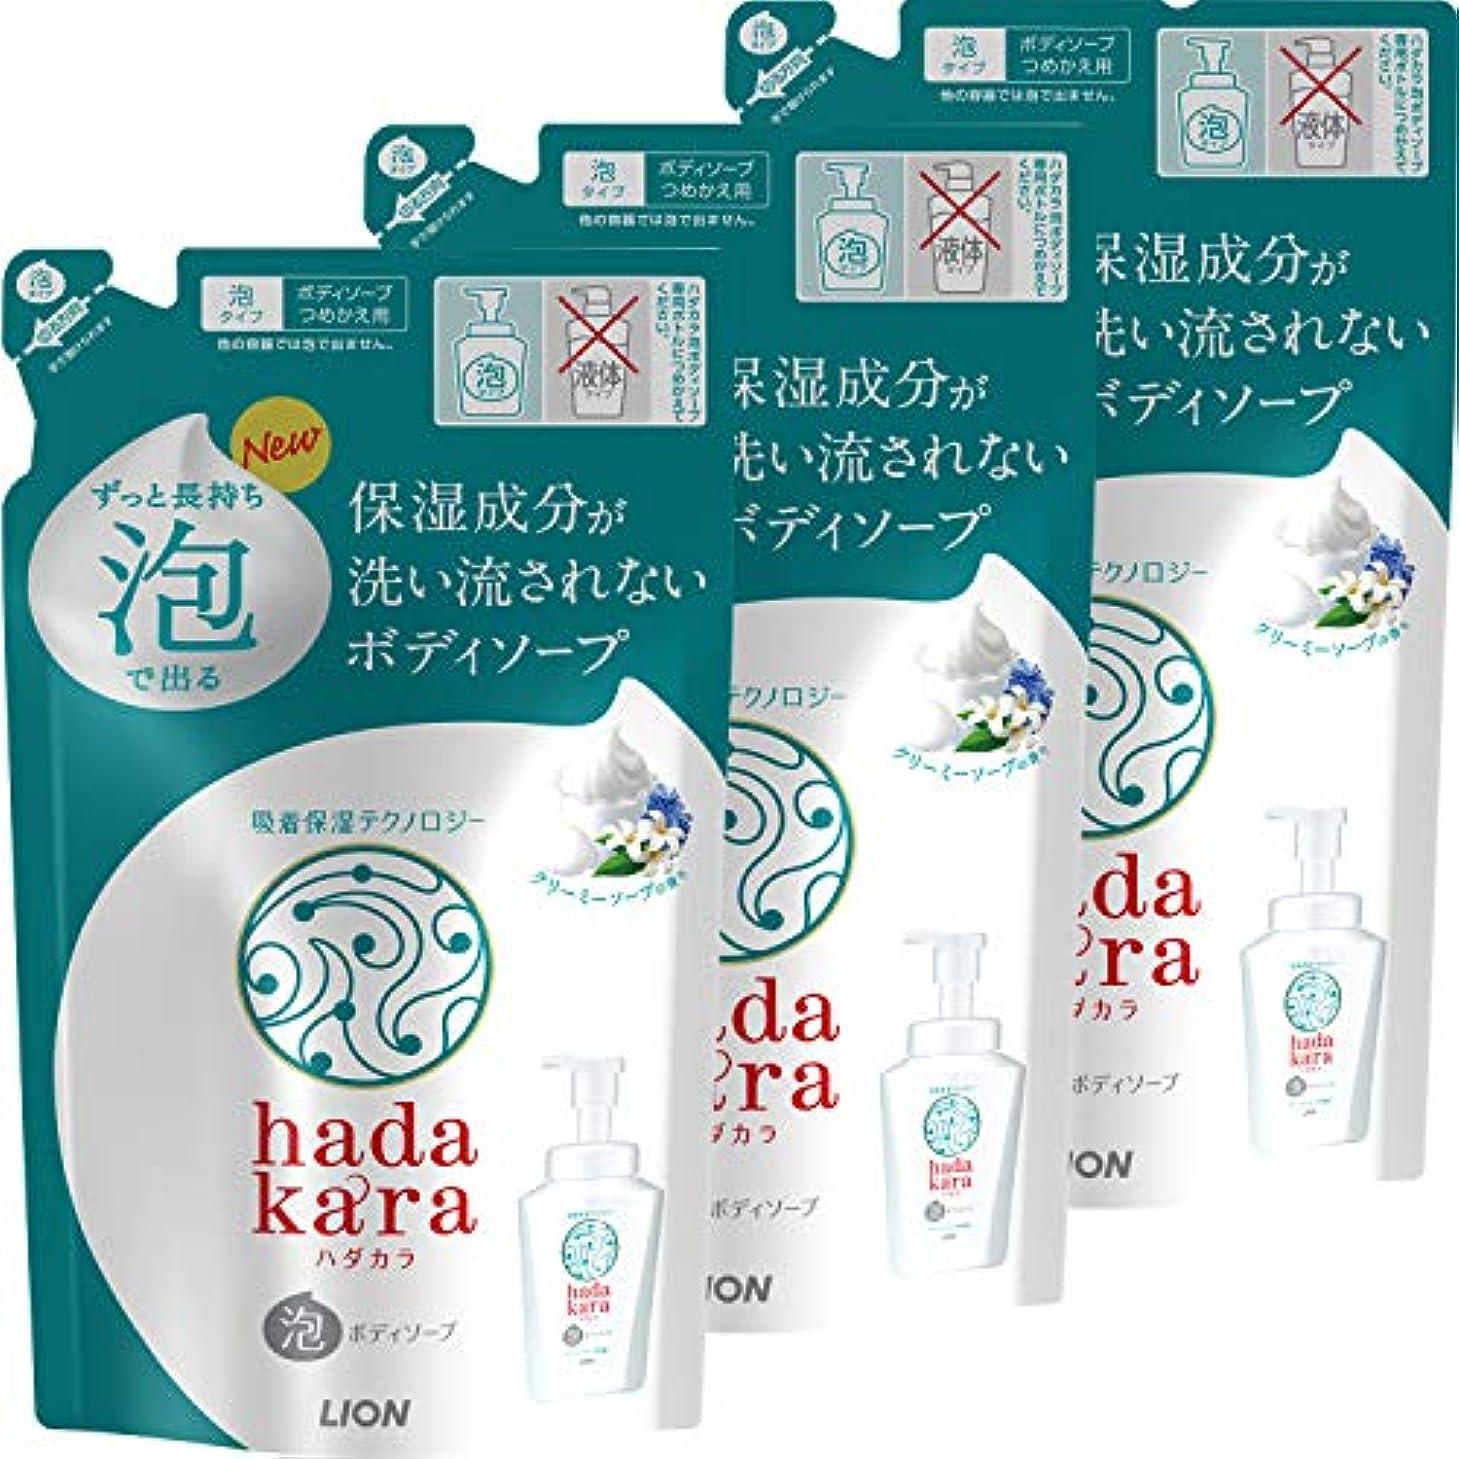 甘い賃金道に迷いましたhadakara(ハダカラ) ボディソープ 泡タイプ クリーミーソープの香り 詰替440ml×3個